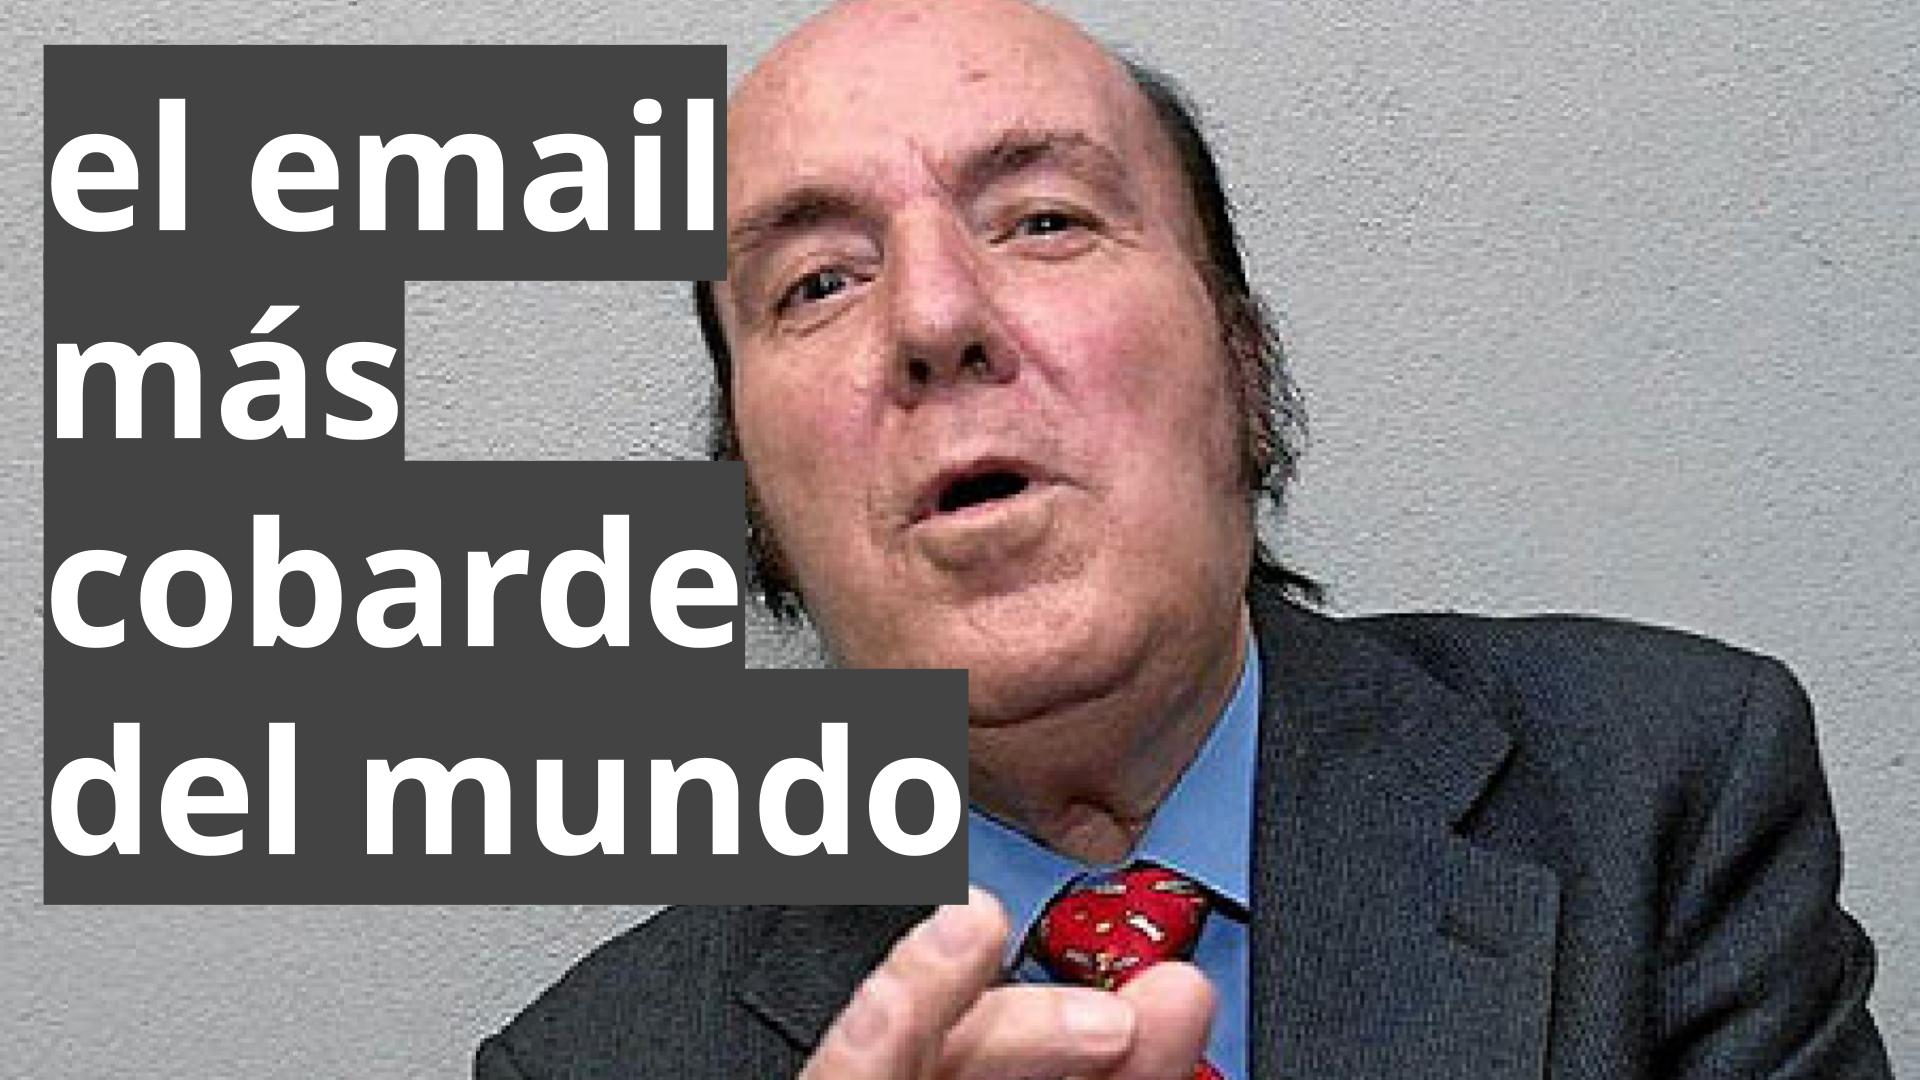 el email mas cobarde del mundo